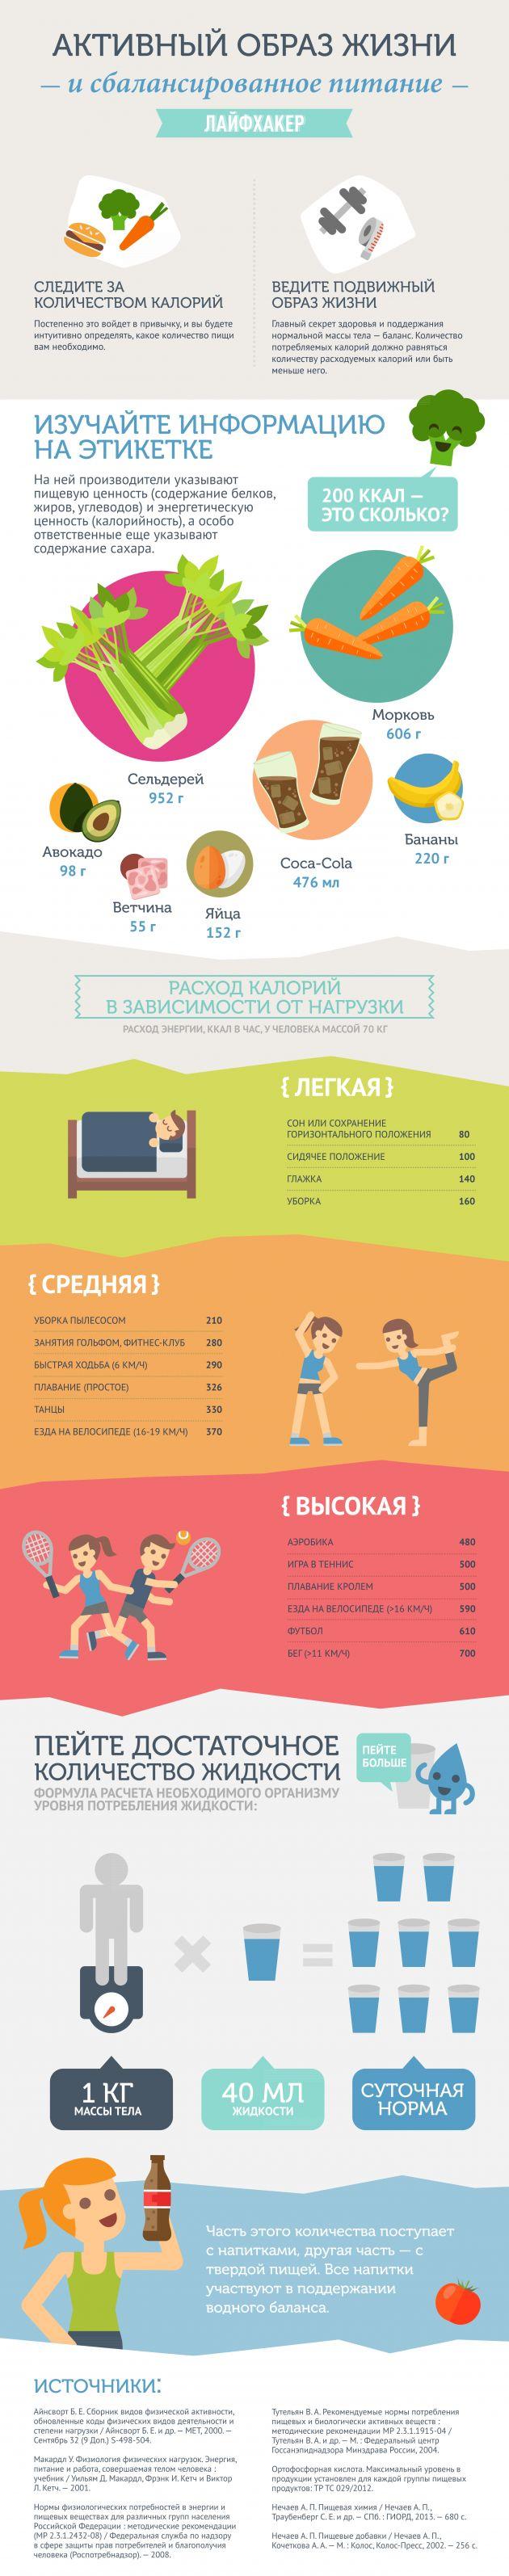 Активный образ жизни и сбалансированное питание - http://lifehacker.ru/obraz-zhizni-i-pitanie/